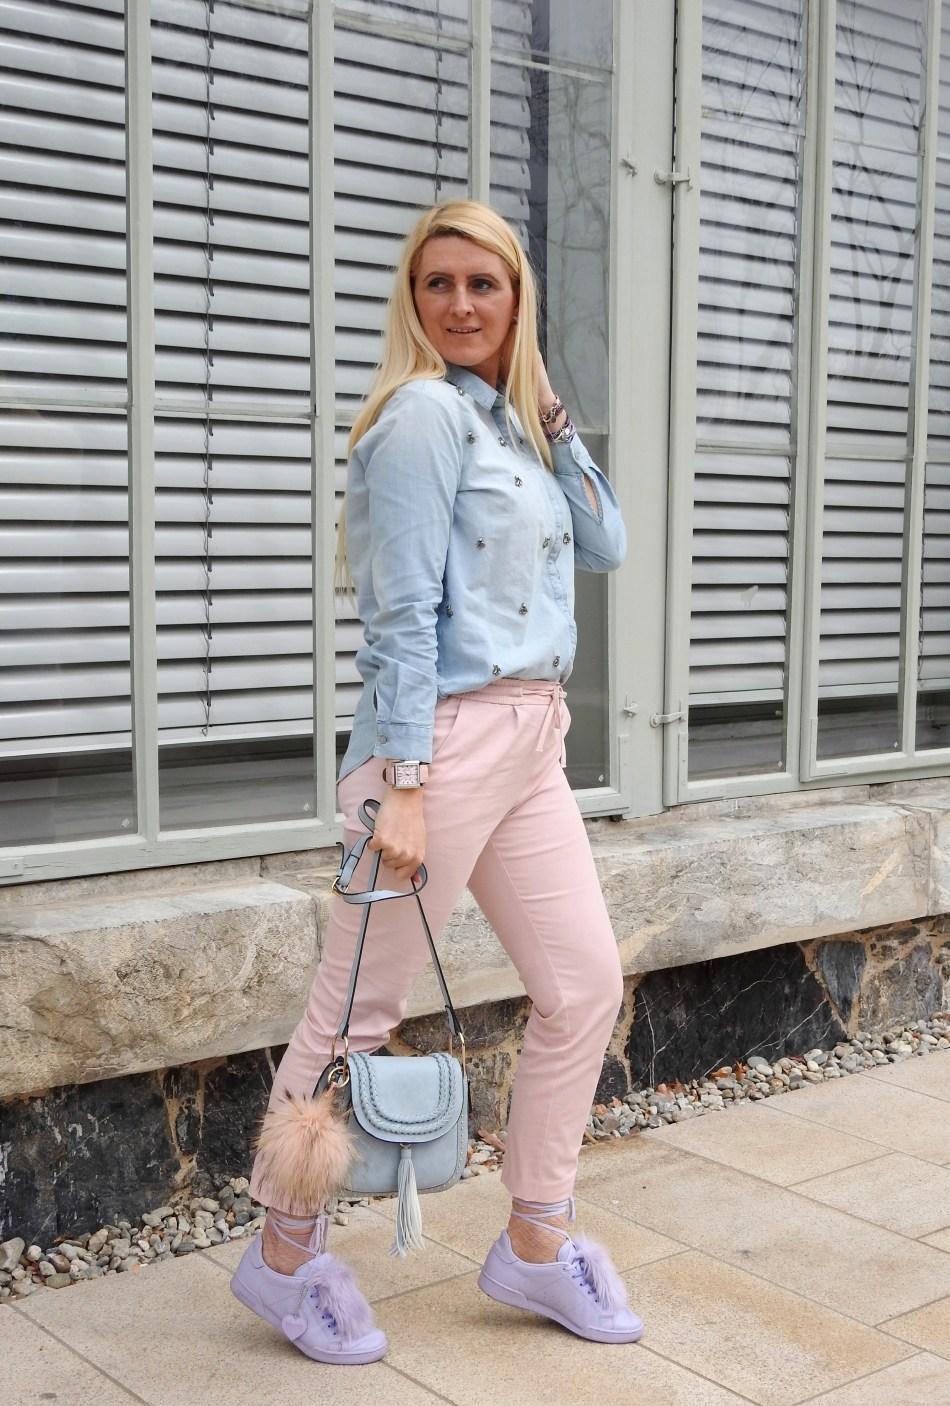 Pastellfarben-Pastell-Colours-Pantone-Lila-Babyrosa-pink-rosa-hellblau-Chloe-Bag-Reebok-Sneakers-Fakefur-Fauxfur-Springvibes-Frühlingsfarben-Frühling-carrieslifestyle-Tamara-Prutsch